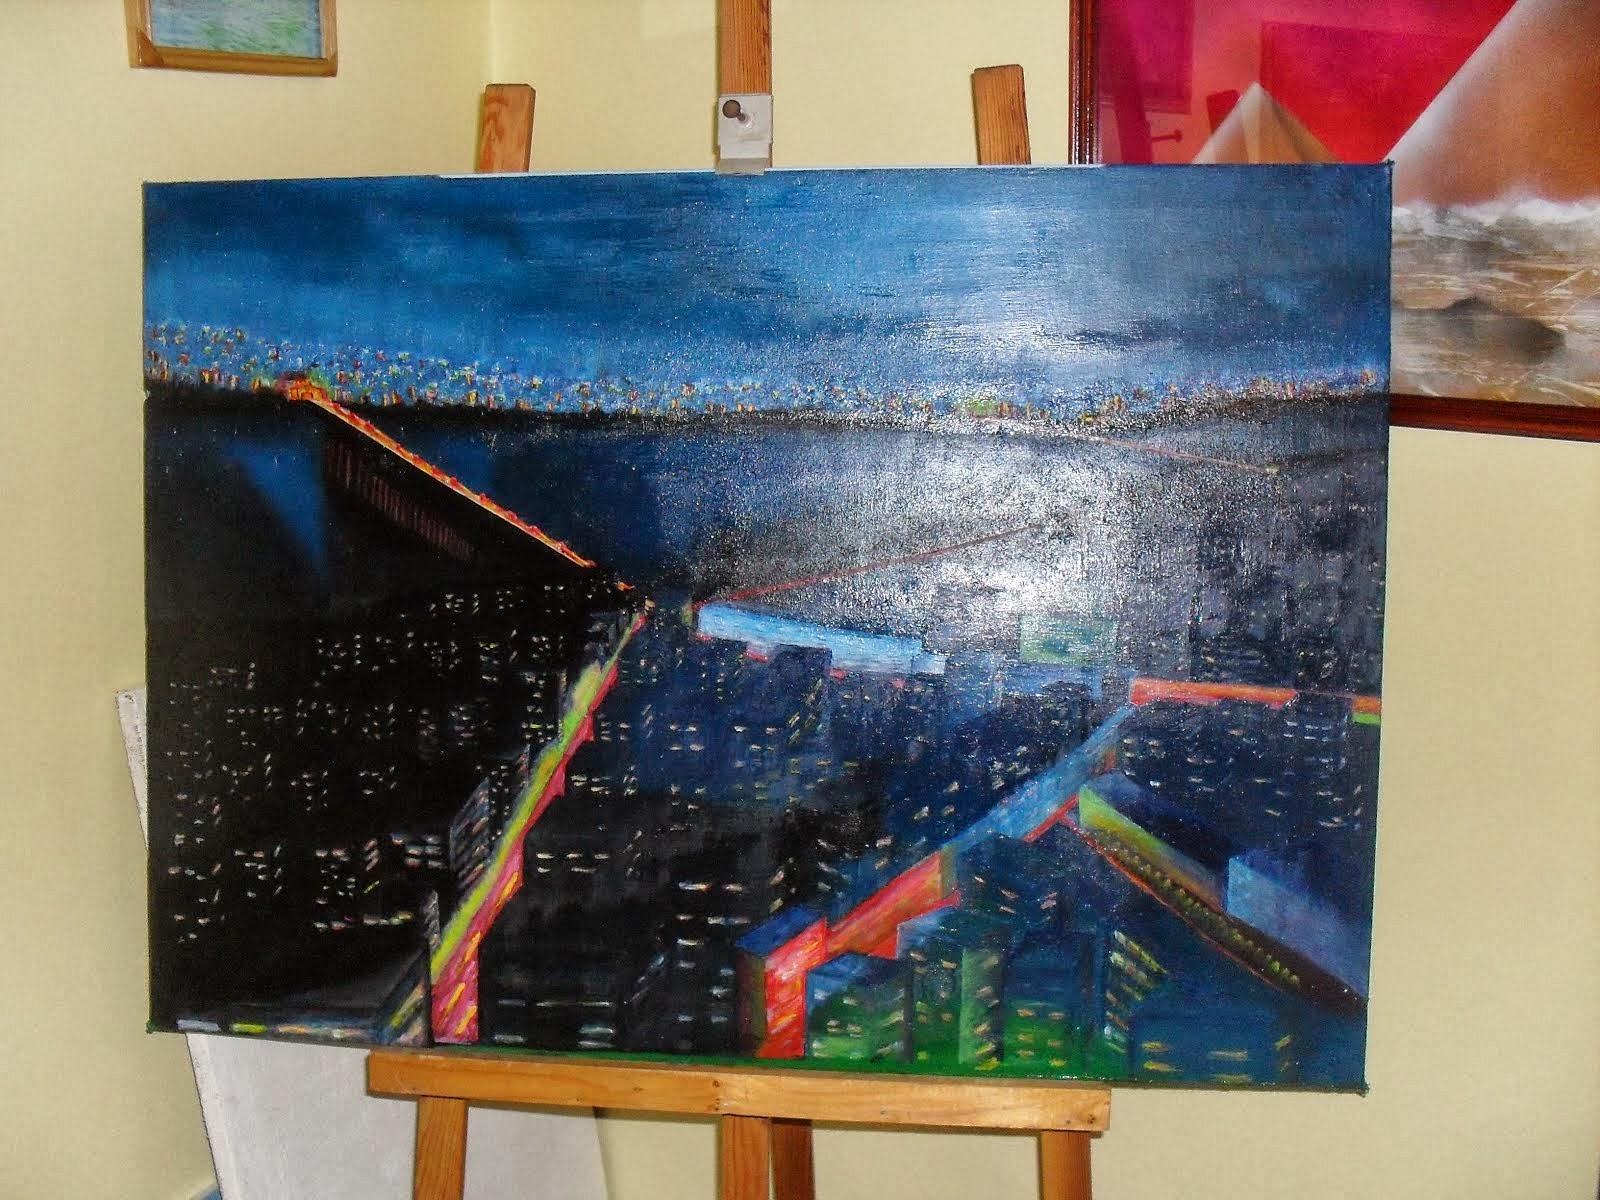 ulje na platnu,umetnička slika-NEON CITY-Vladisav Bogicevic slikar Luna-Nis